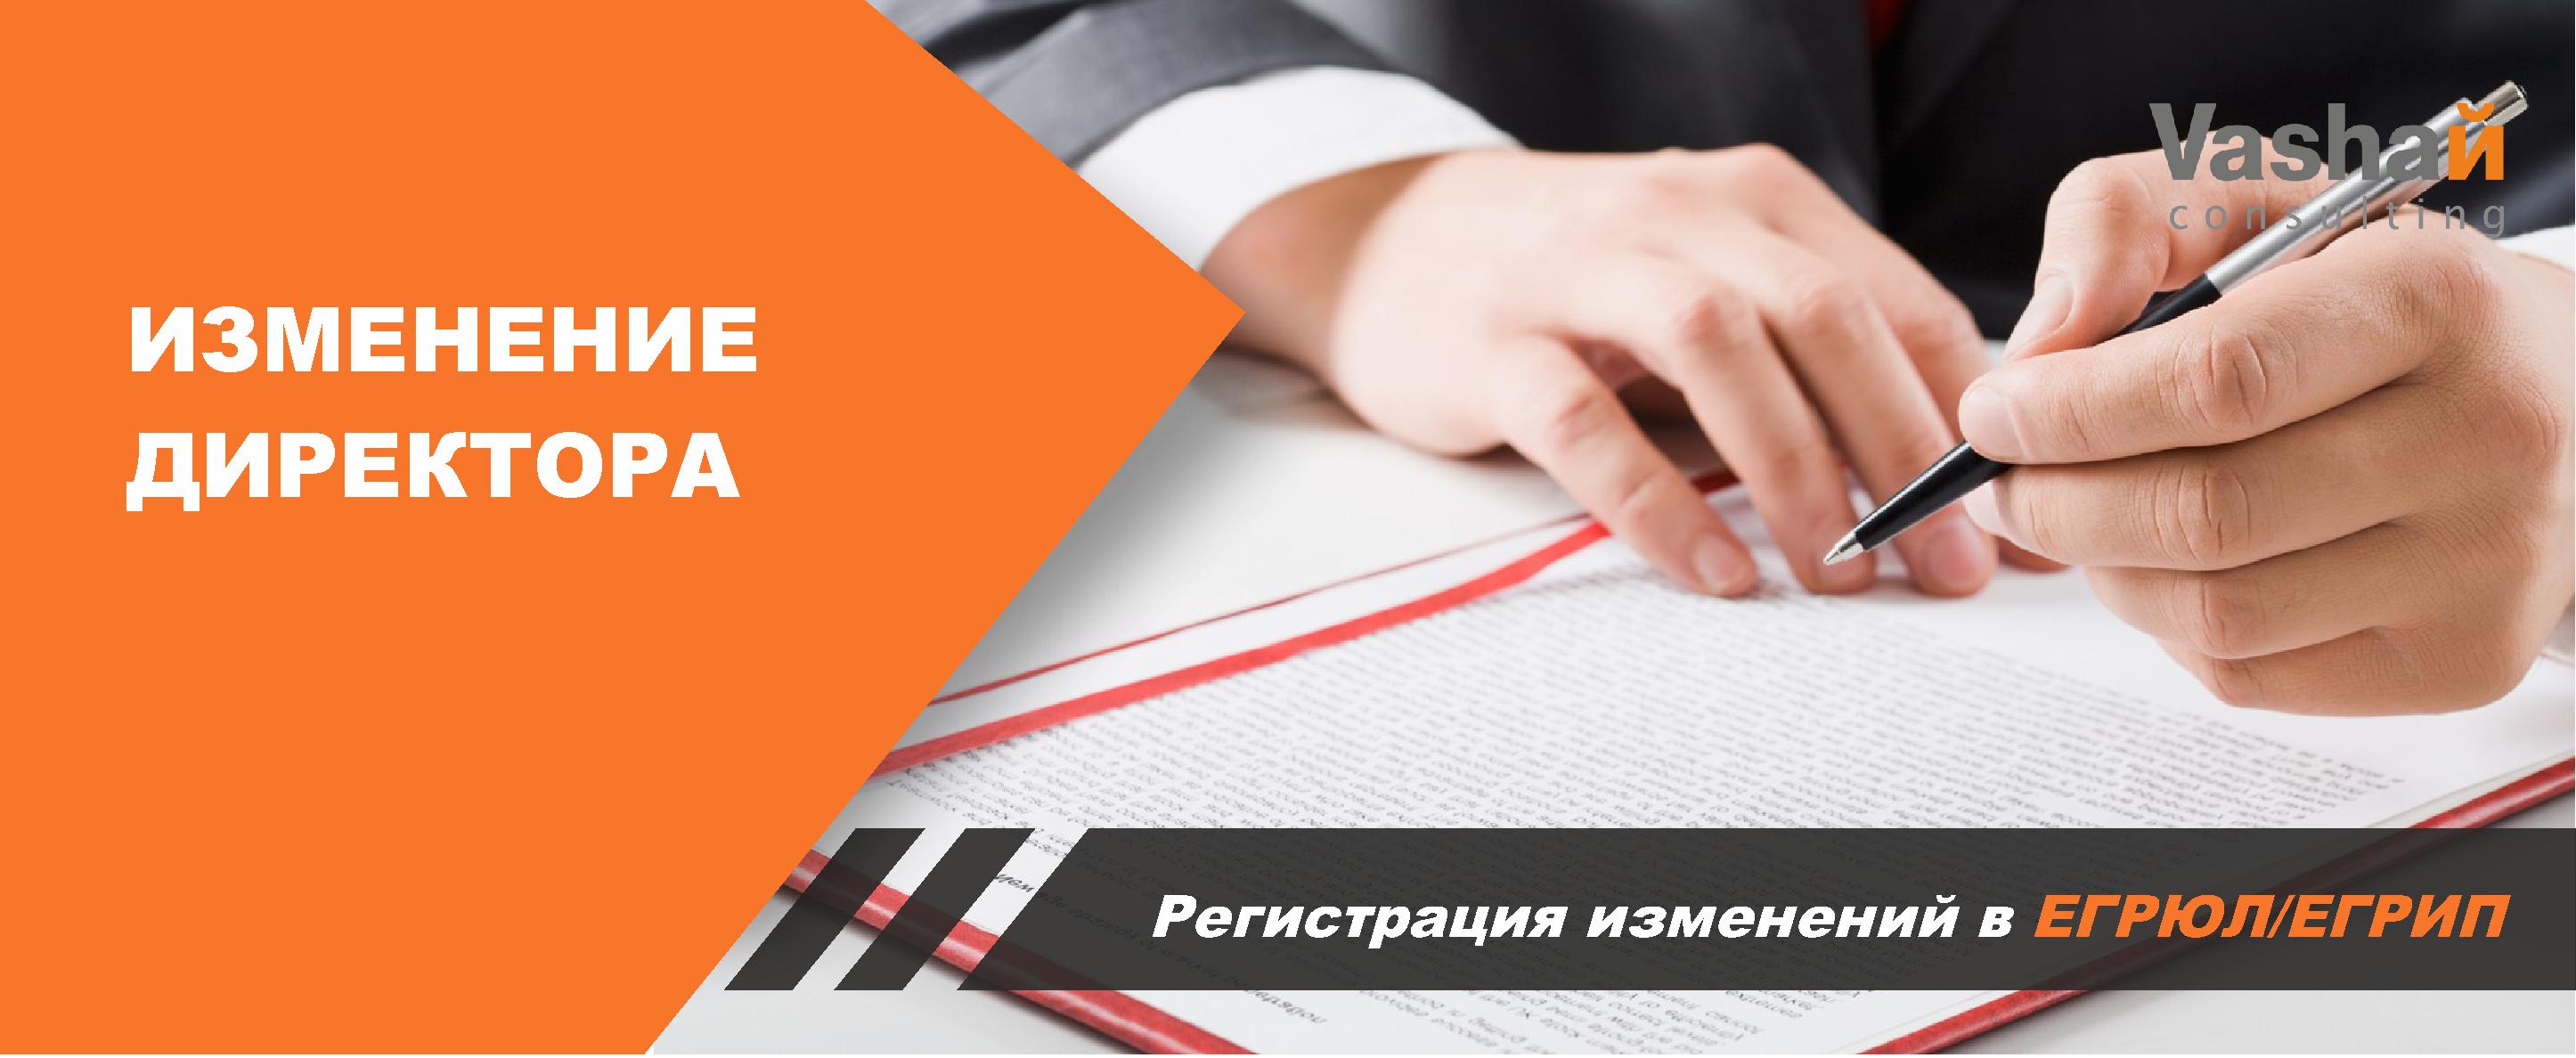 Регистрация изменений в ооо i торг 29 в 1с 8.3 бухгалтерия